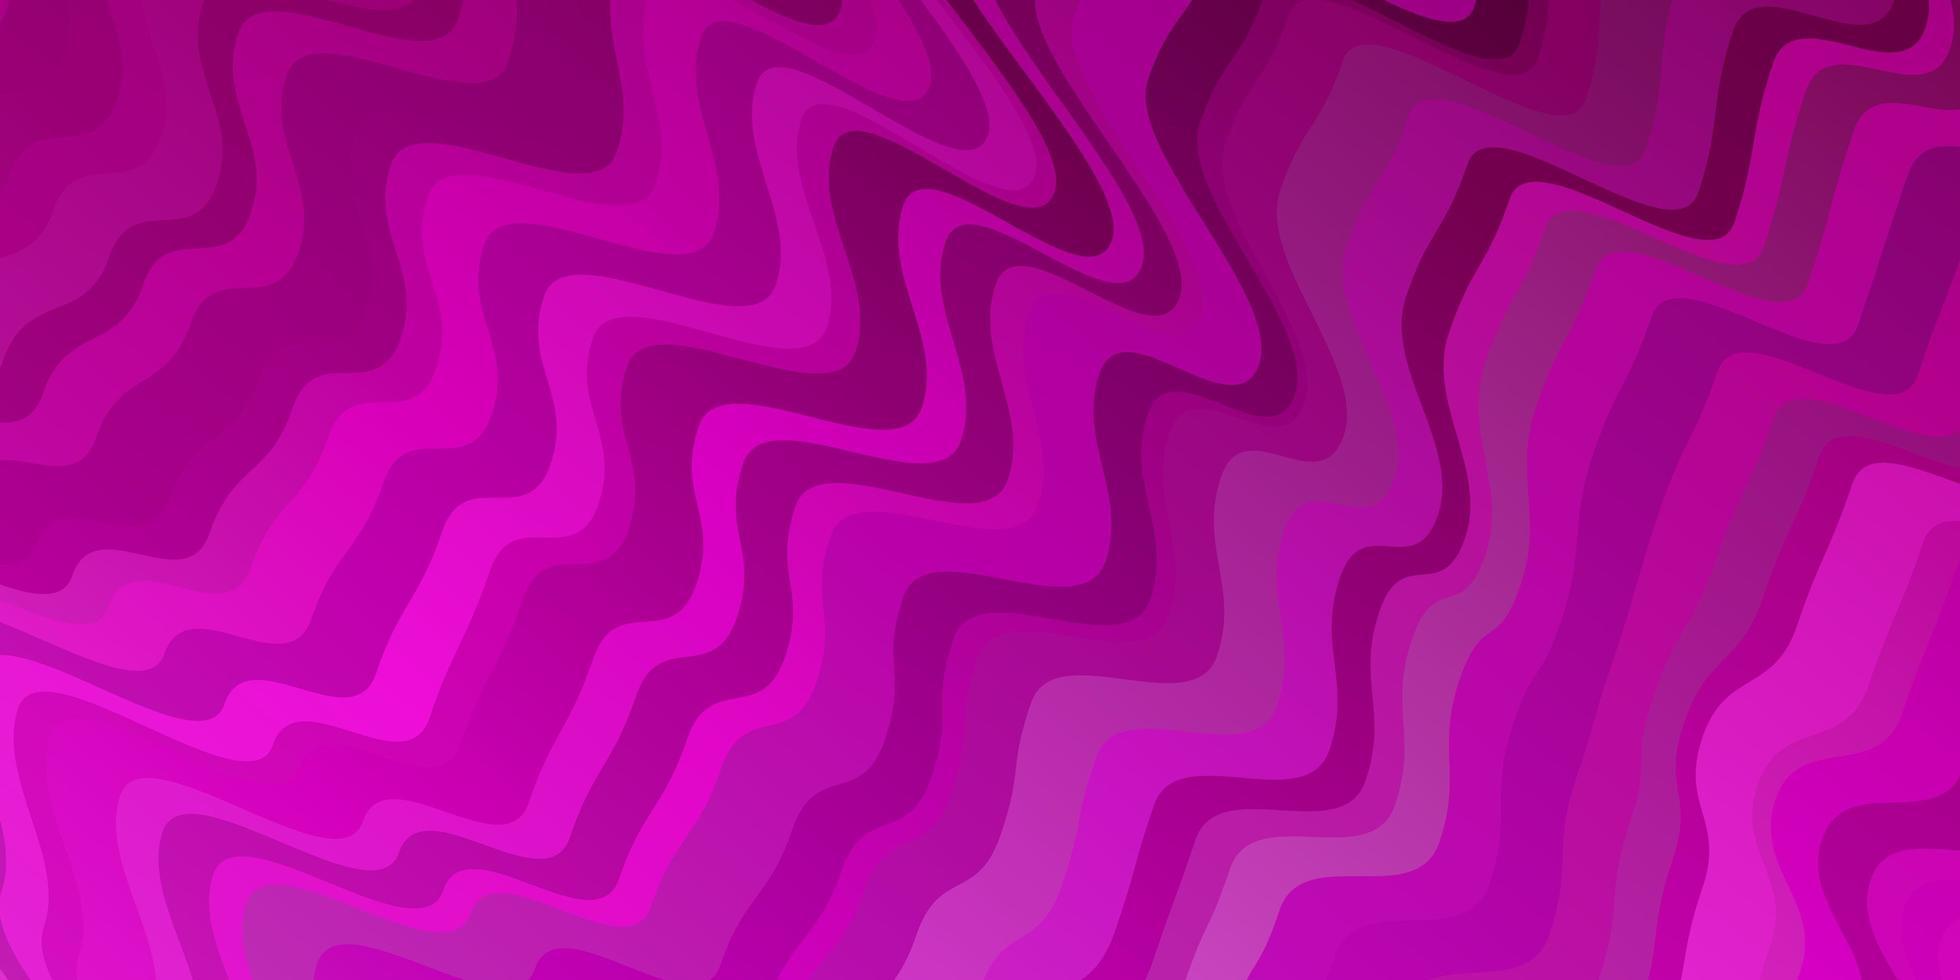 fondo rosa con líneas dobladas. vector